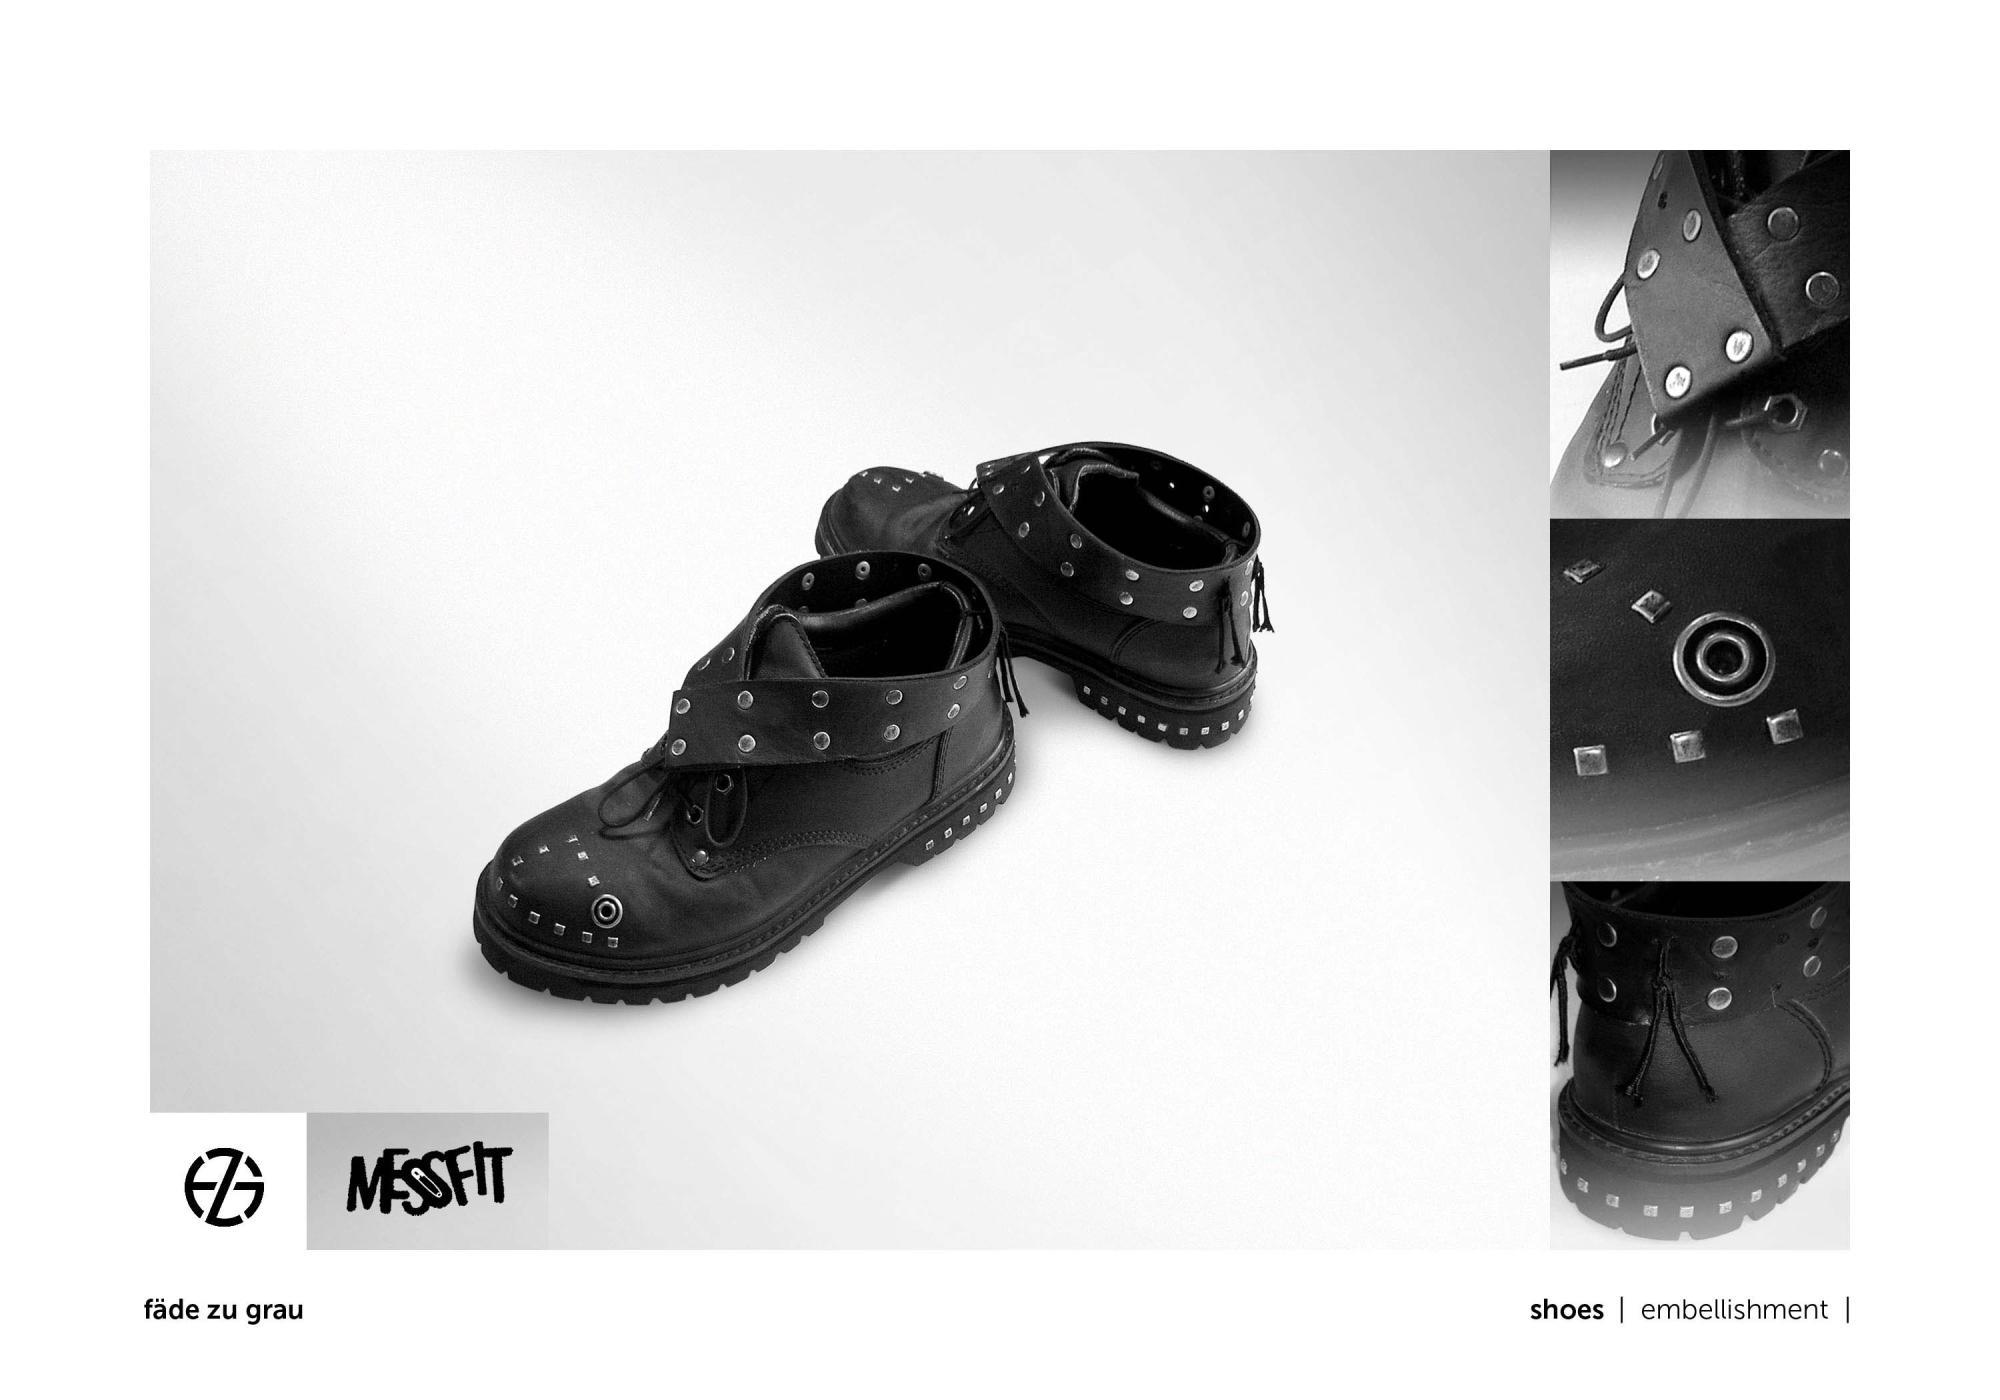 fäde zu grau | shoes